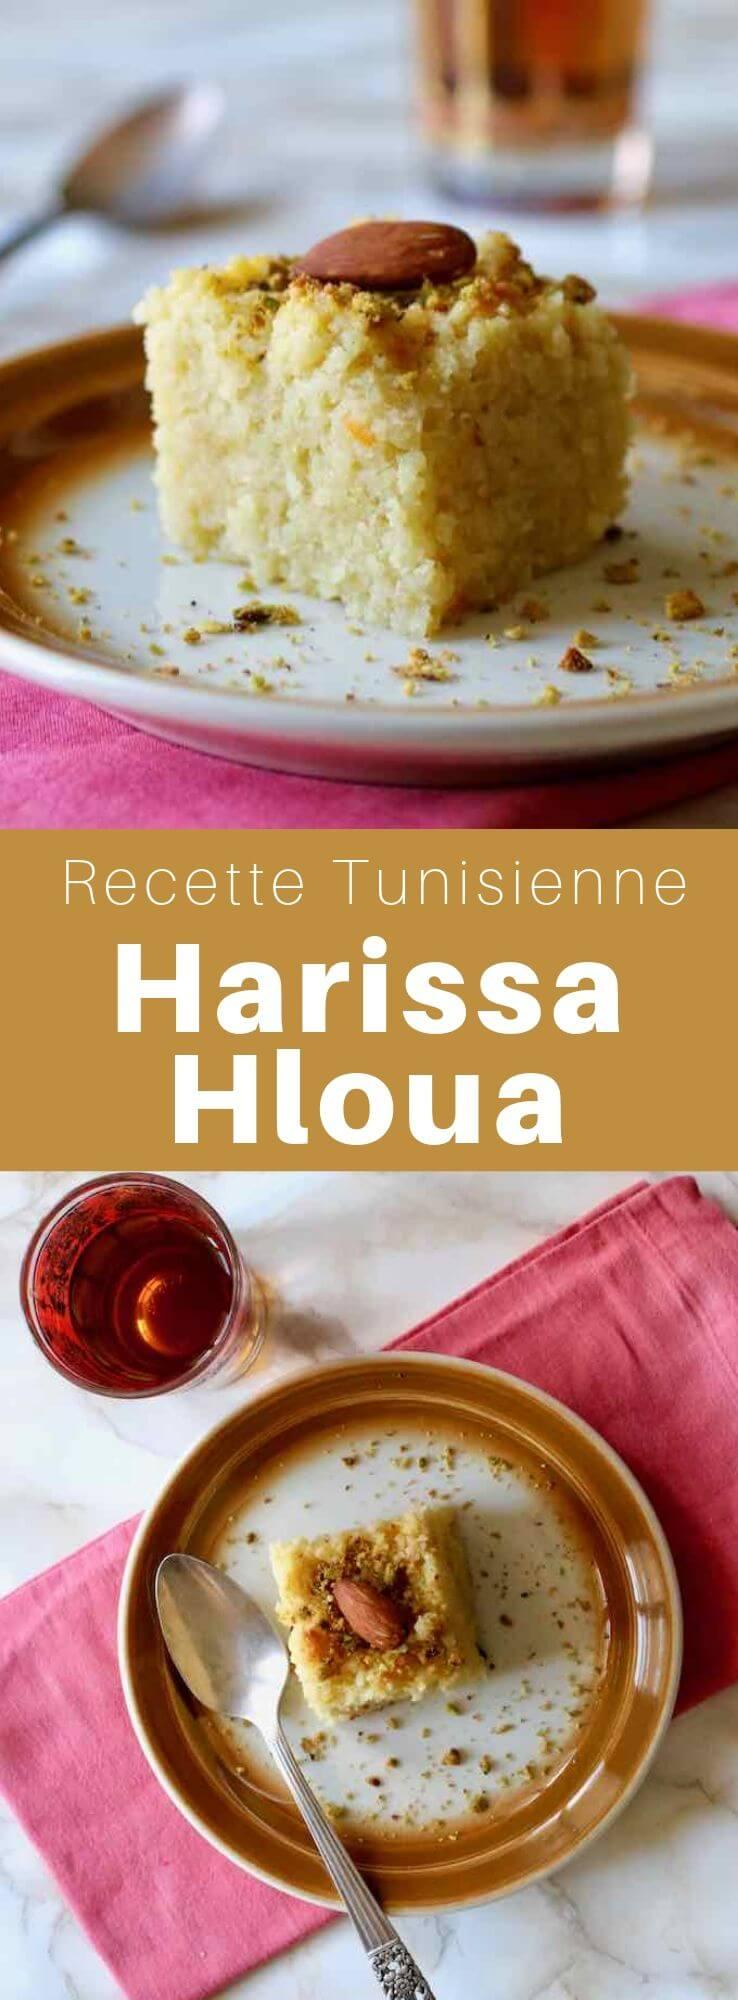 La harissa hloua est une pâtisserie orientale d'origine tunisienne, à base de semoule, aussi connue sous le nom de basboussa, revani et kalb el louz. #Tunisie #RecetteTunisienne #PatisserieOrientale #CuisineDuMonde #196flavors